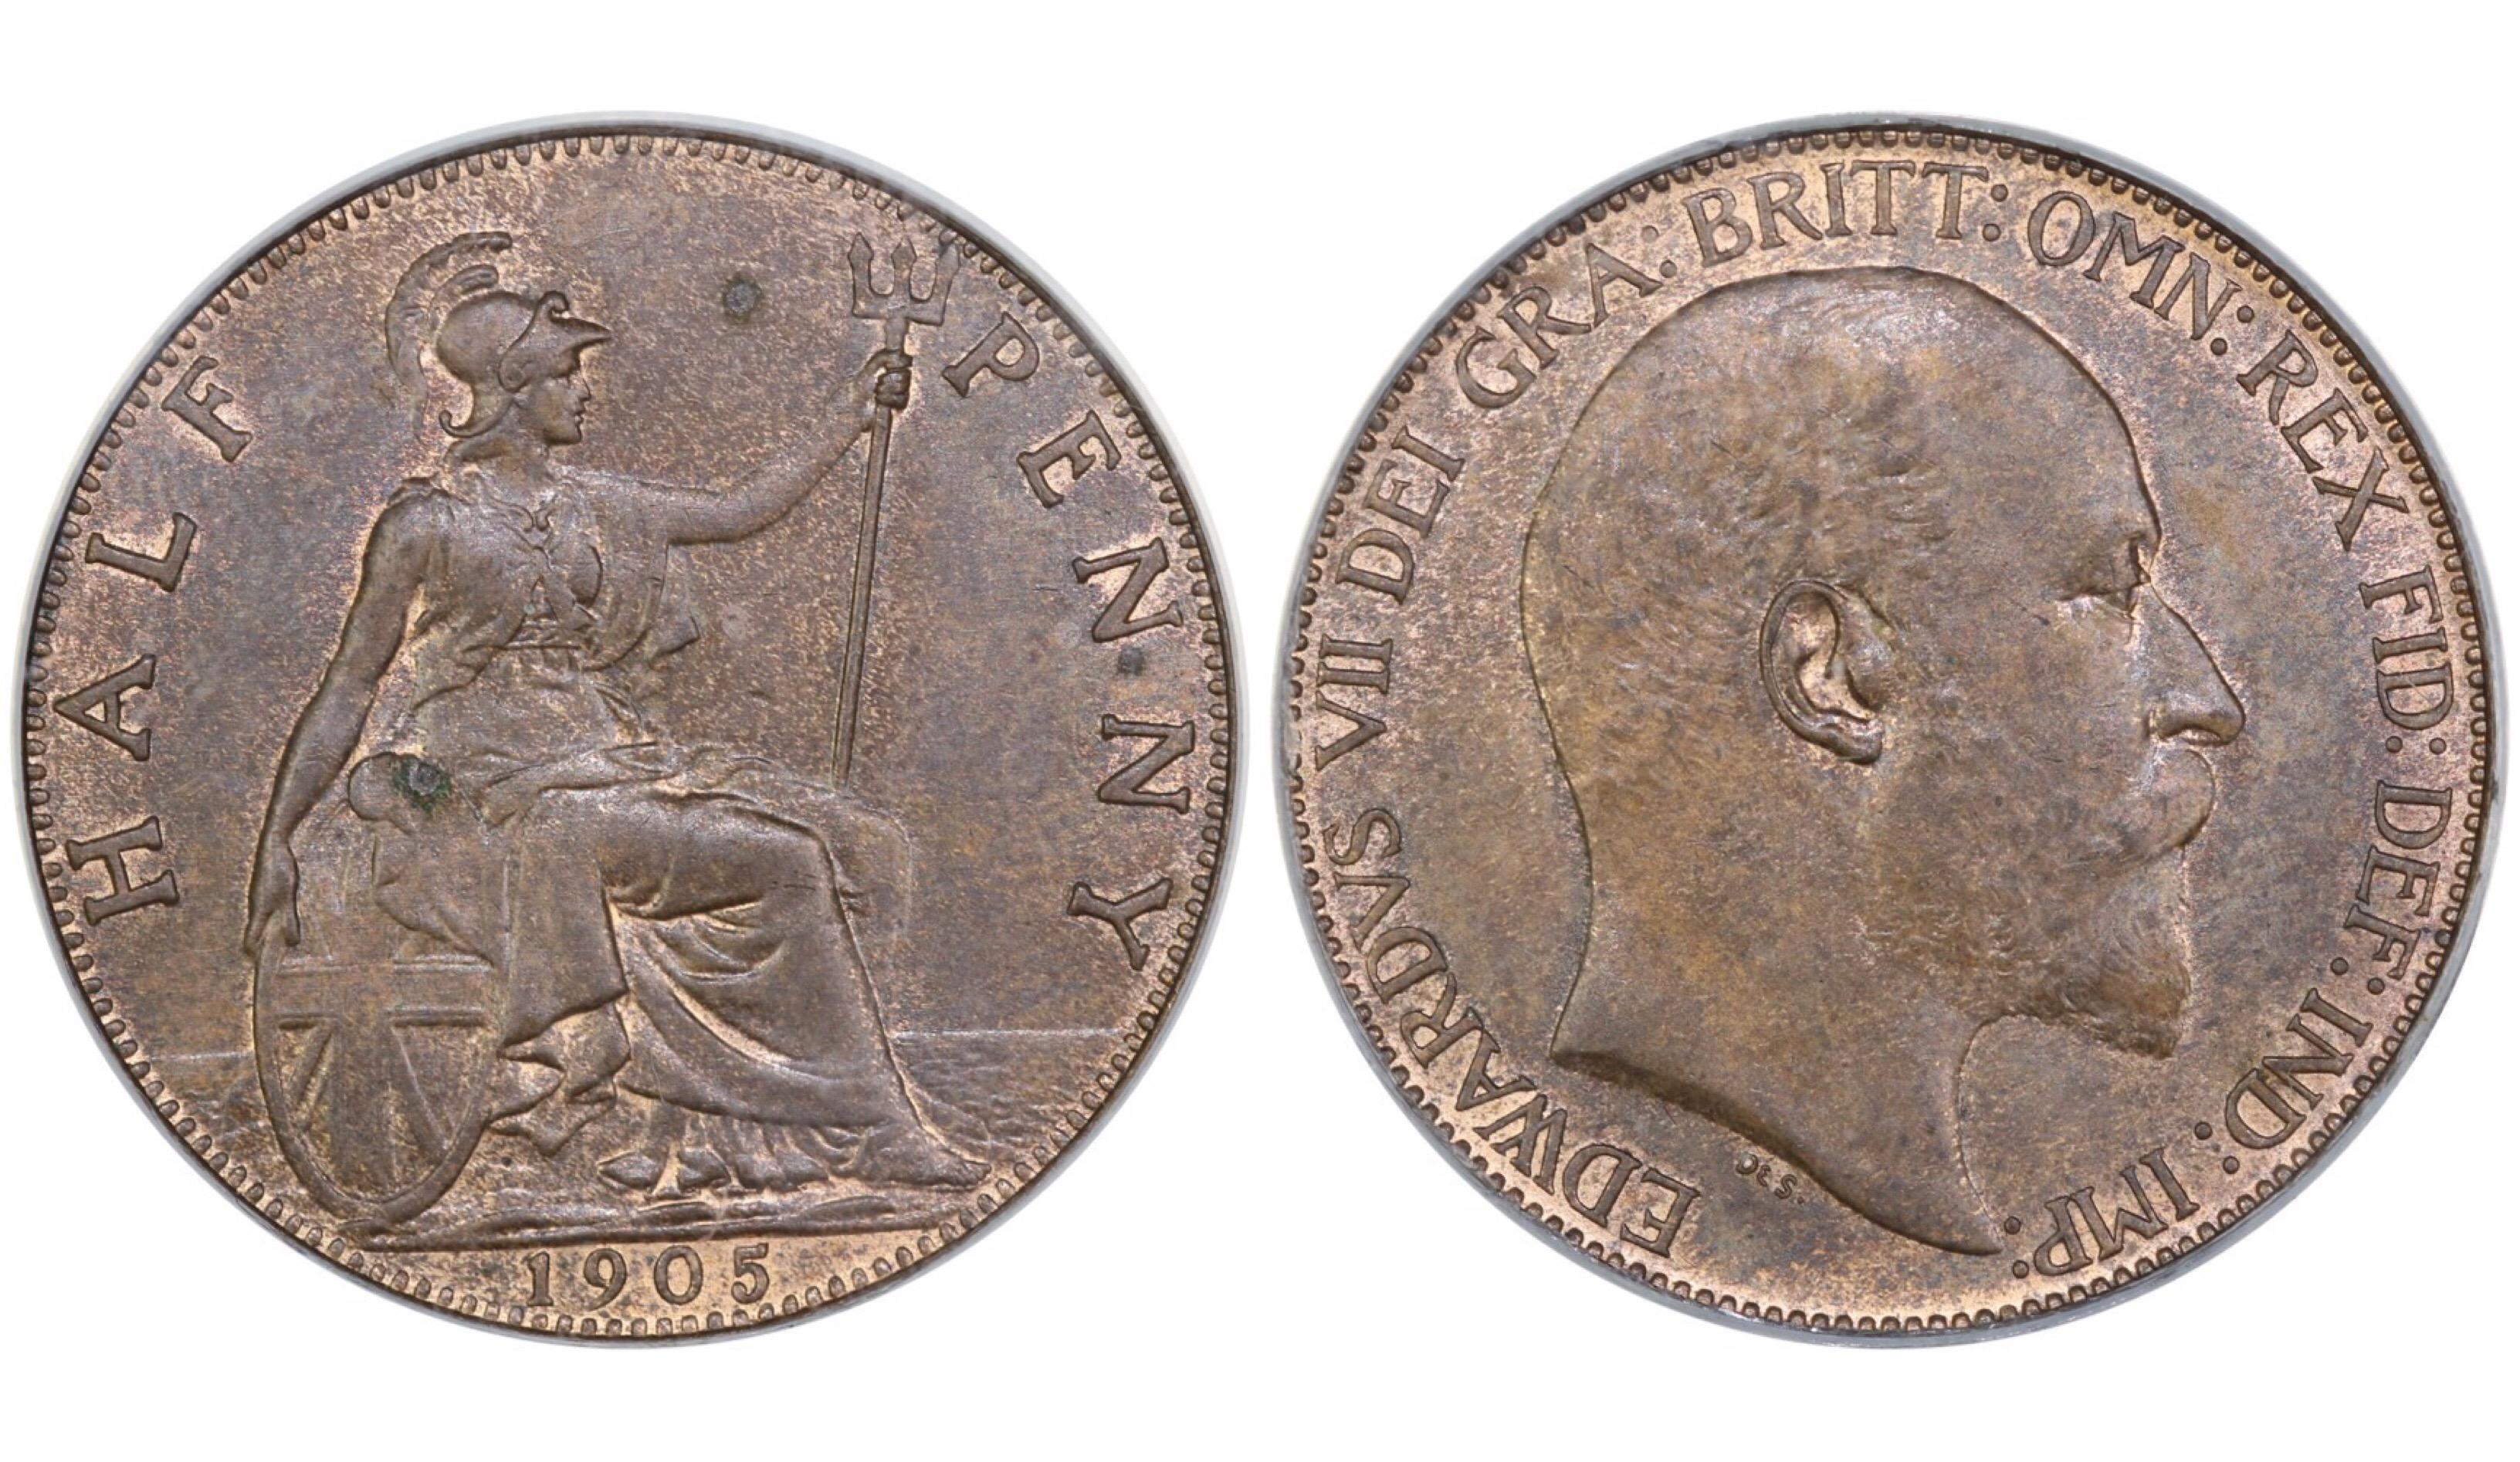 1905 Halfpenny, CGS EF 'Corrosion', Edward VII, Freeman 384, UIN 22152